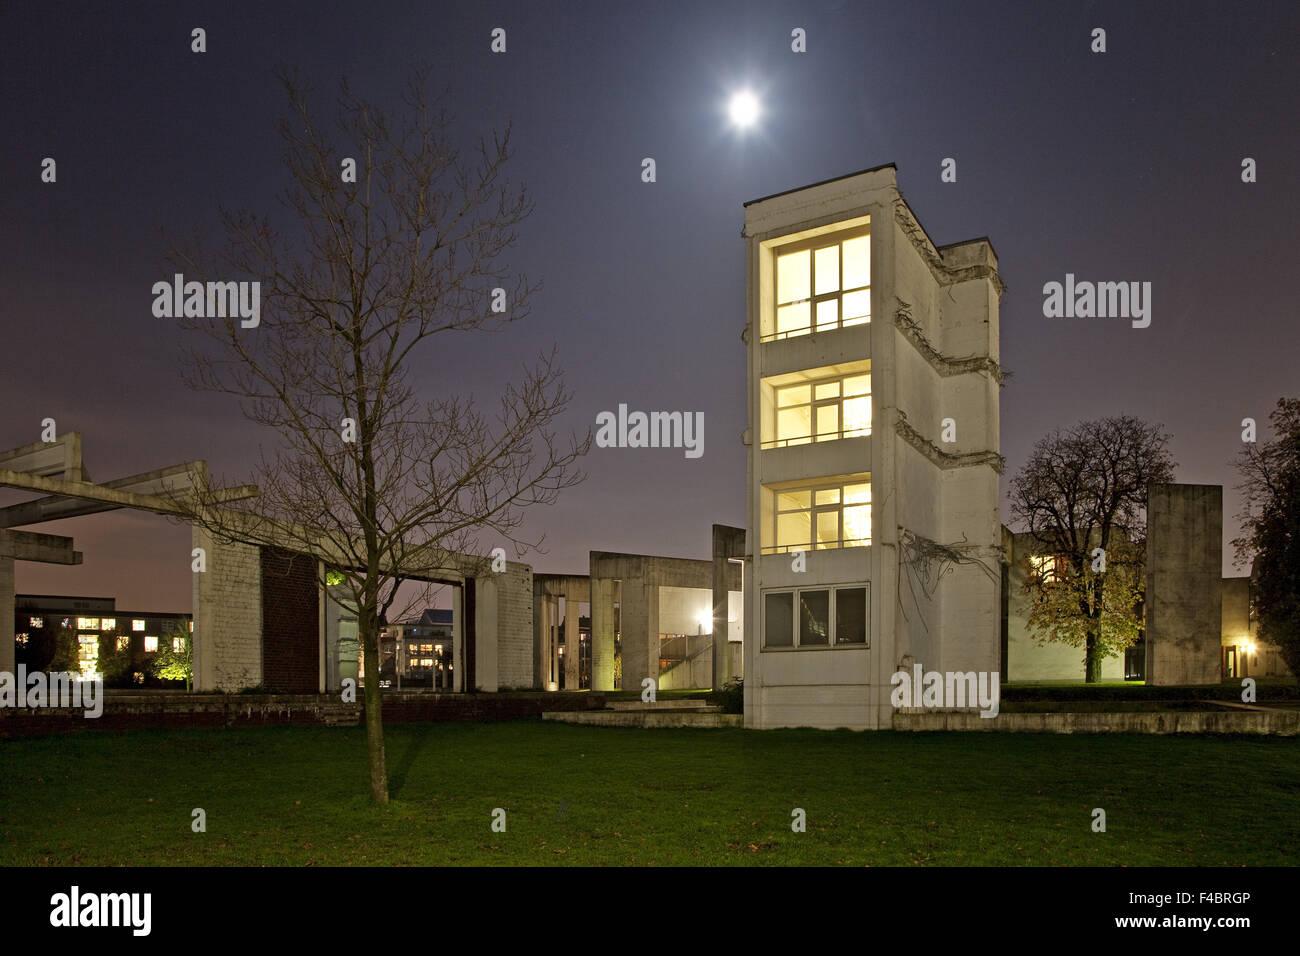 Garden of Memories, Duisburg, Germany - Stock Image